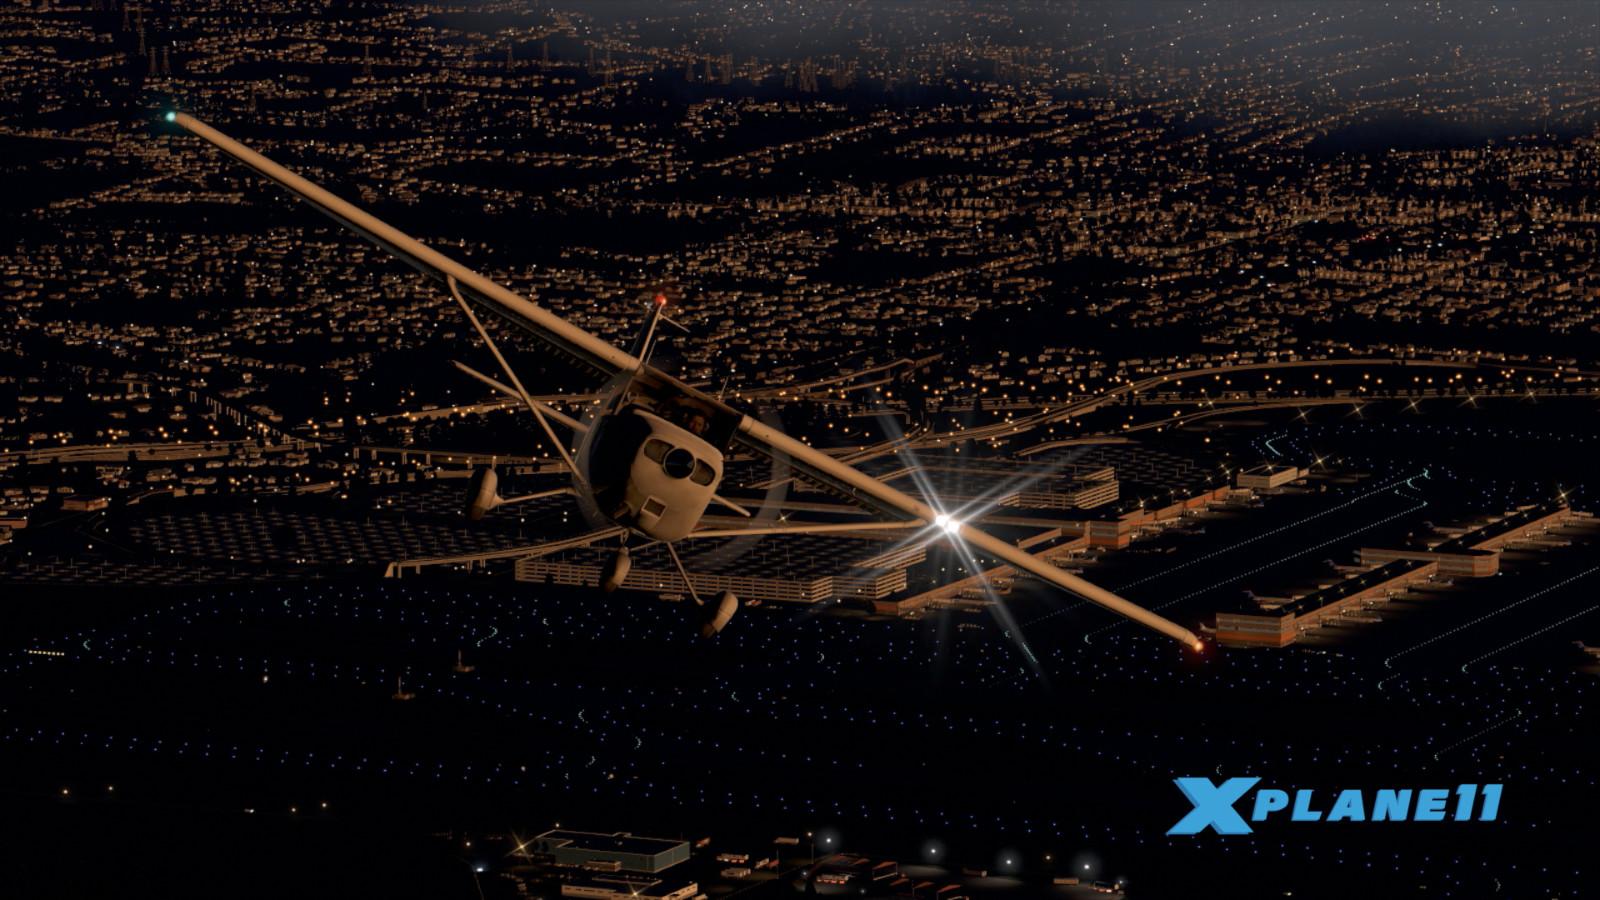 X-Plane 11 Screenshot 1